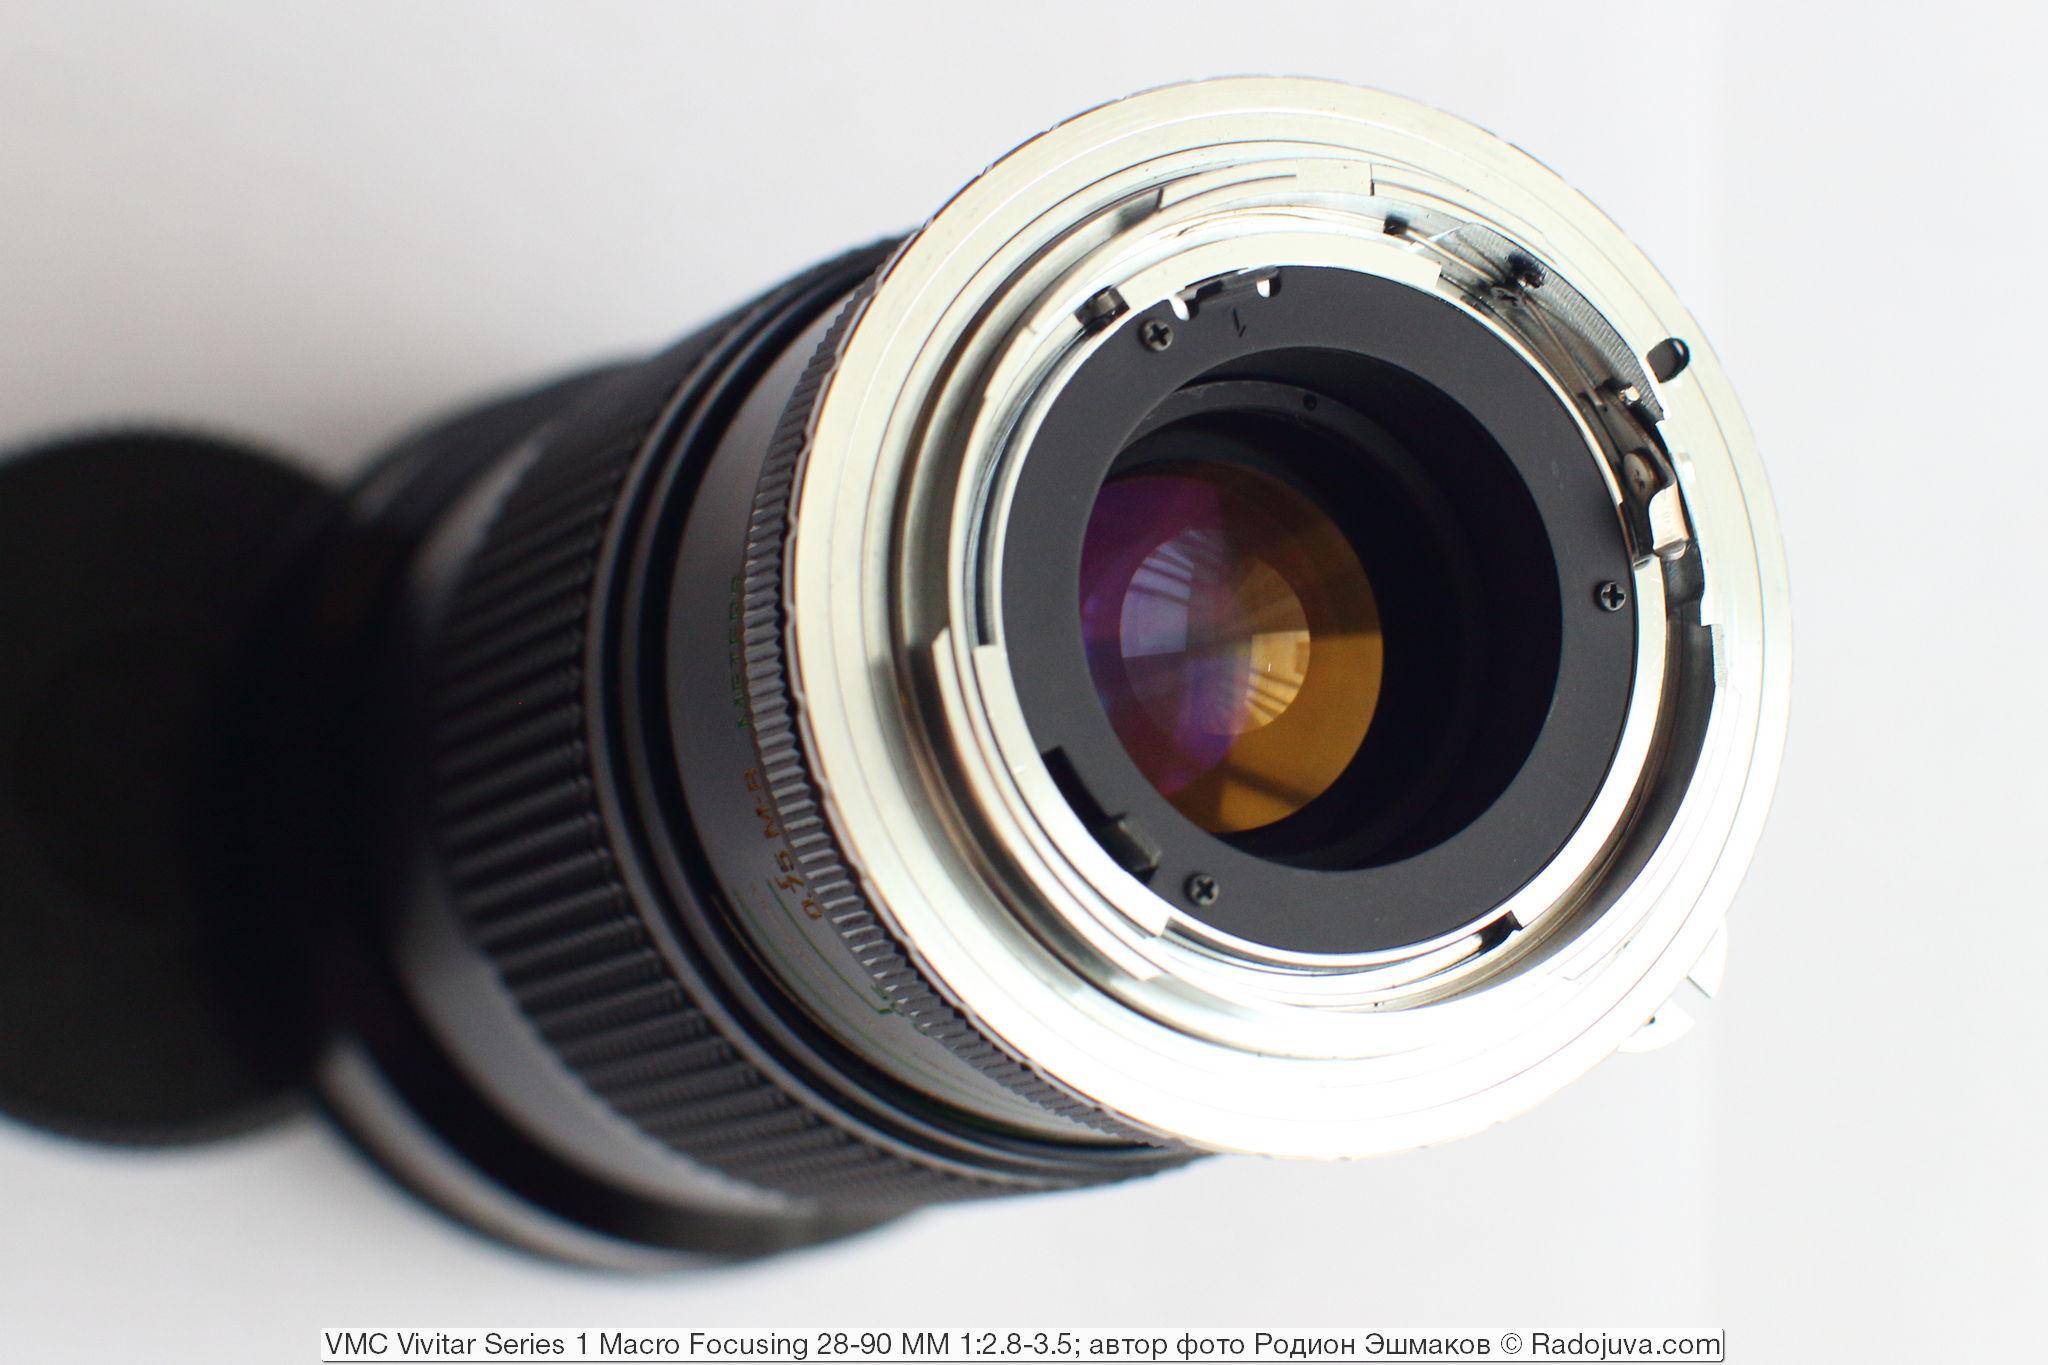 Задняя линза при фокусировке «на бесконечность» и ФР 28 мм.